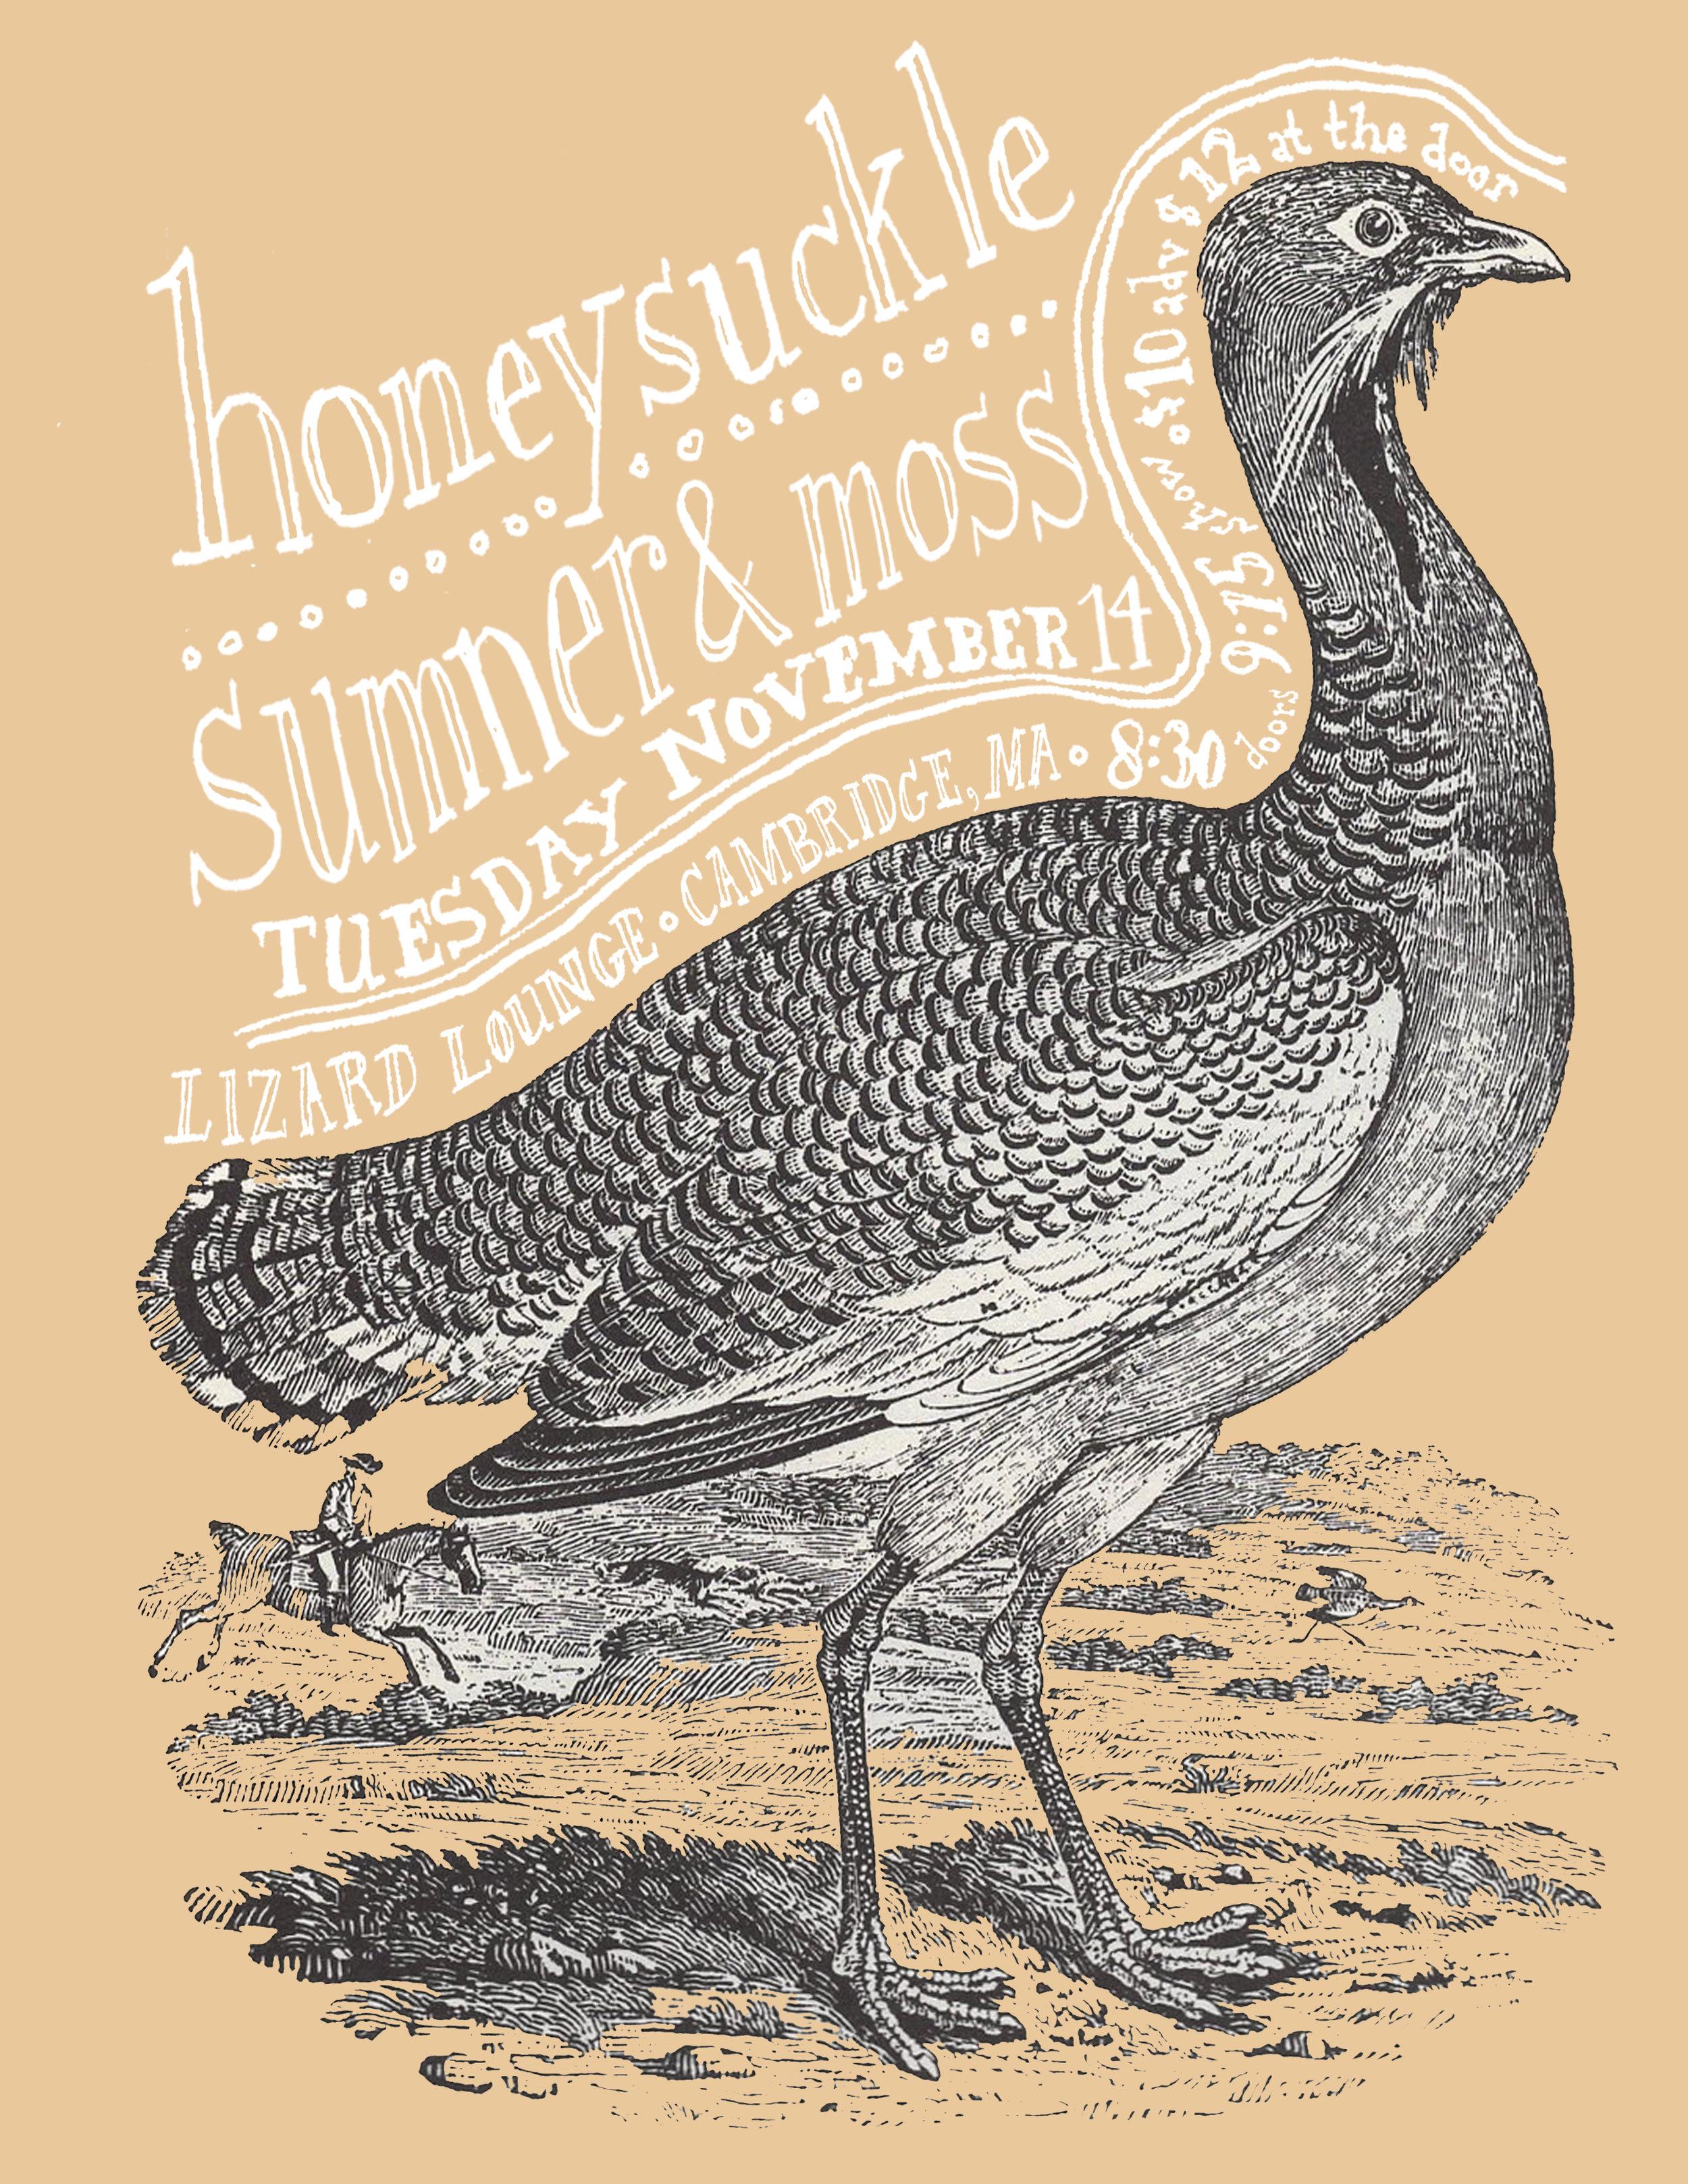 honeysuckle sumnermoss 111417 copy.jpg